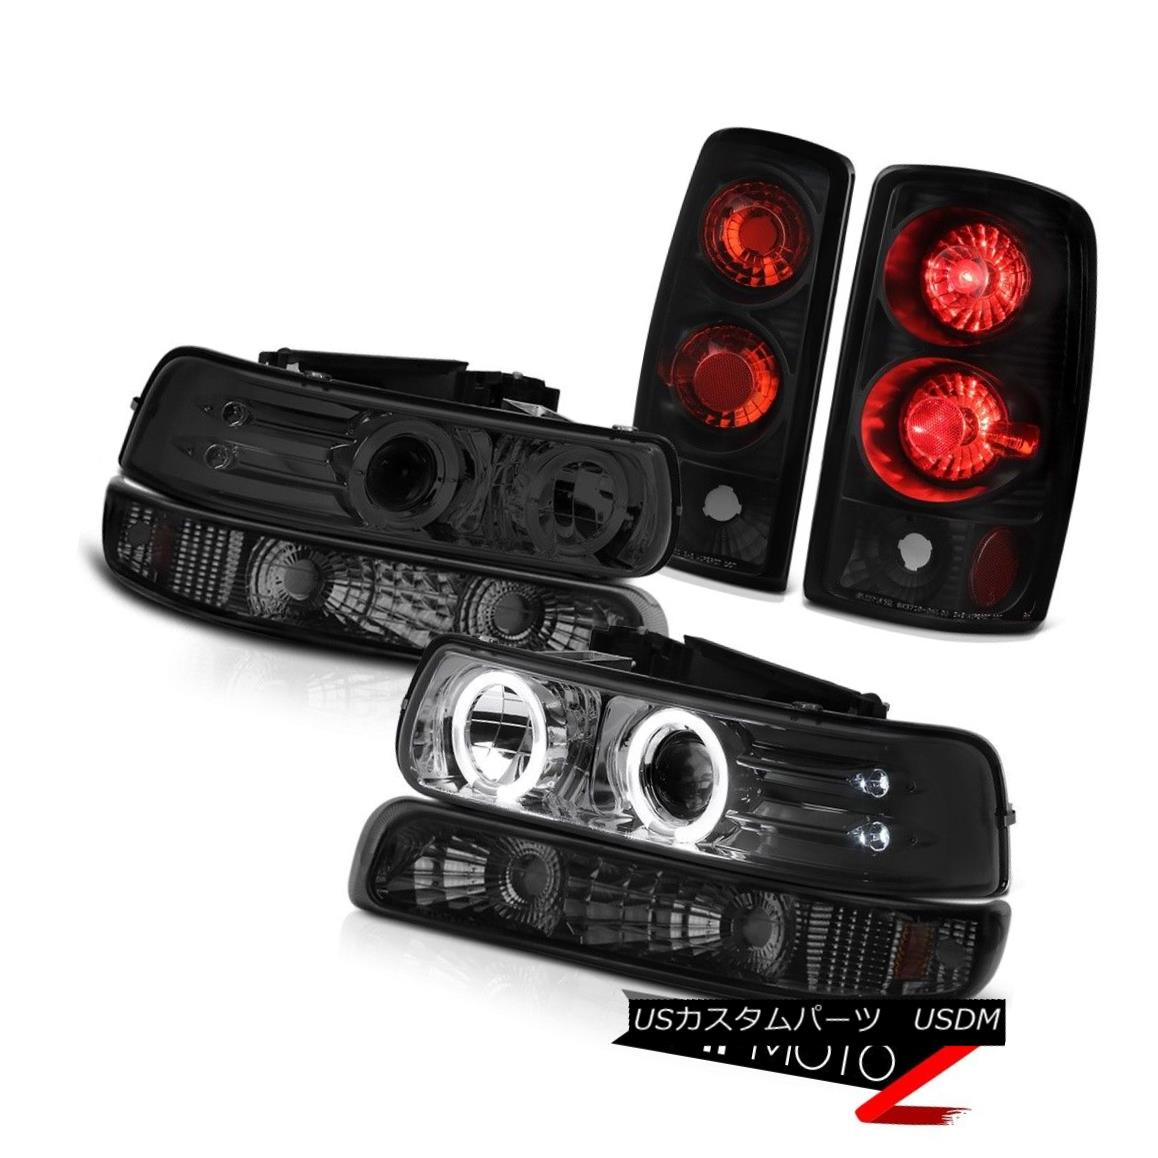 テールライト Dark Halo Projector Headlights Parking Rear Signal Brake Lights 2000-06 Suburban ダークハロープロジェクターヘッドライトパーキングリアシグナルブレーキライト2000-06郊外